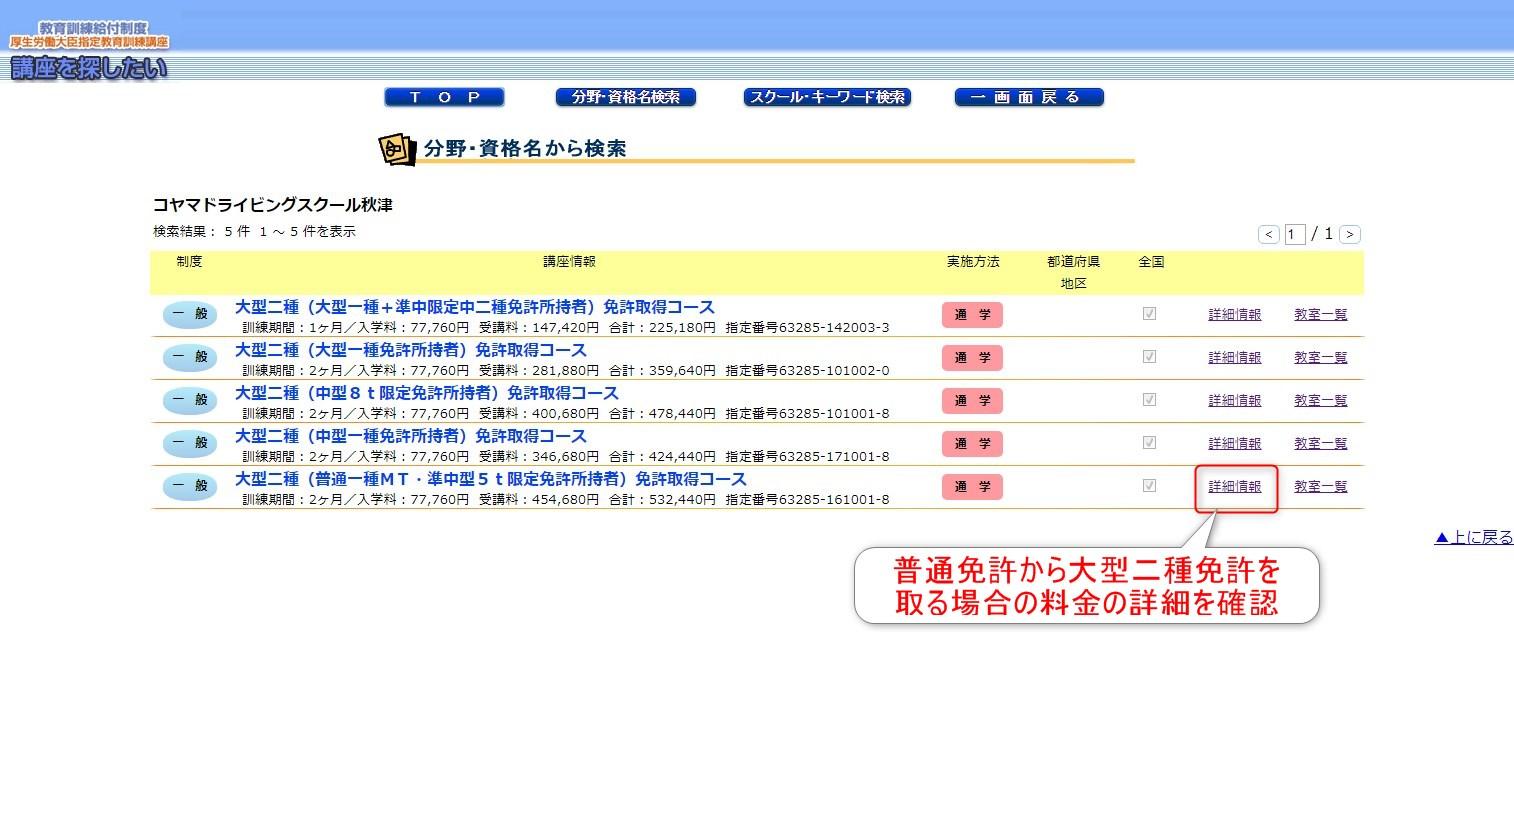 12-04-08_大型二種免許の検索方法